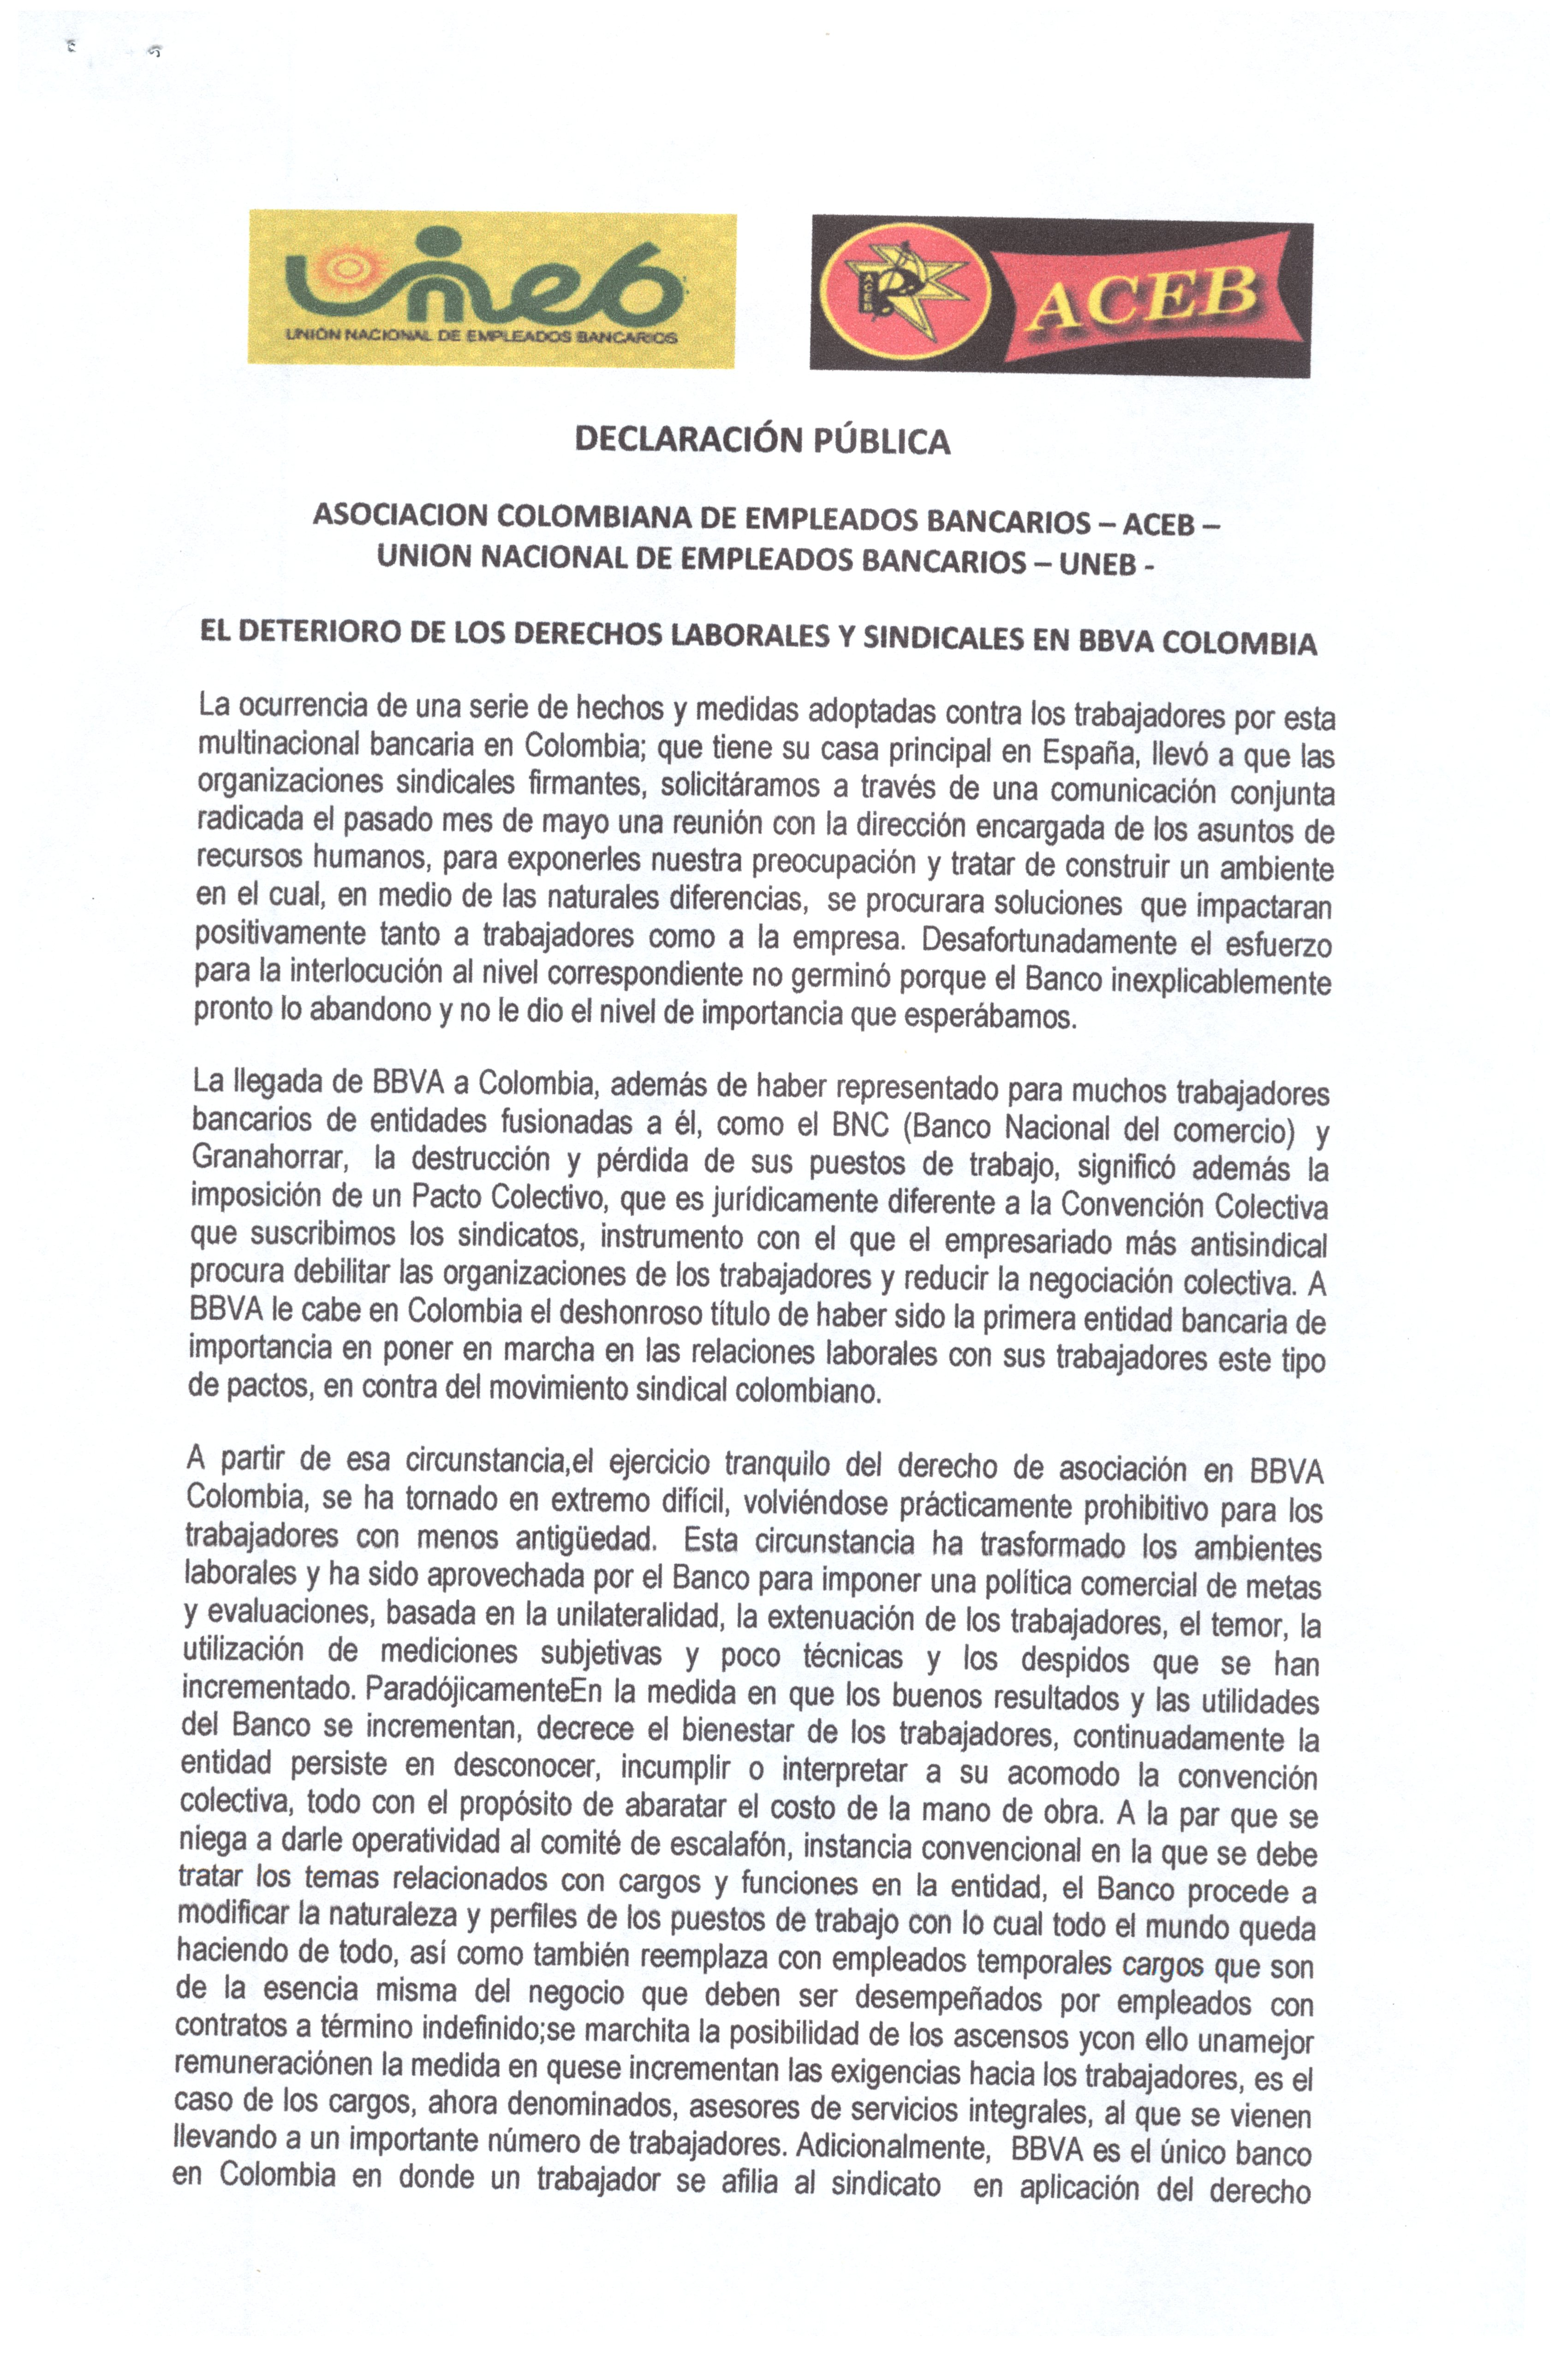 El deterioro de los derechos laborales y sindicales en BBVA Colombia , declaración pública